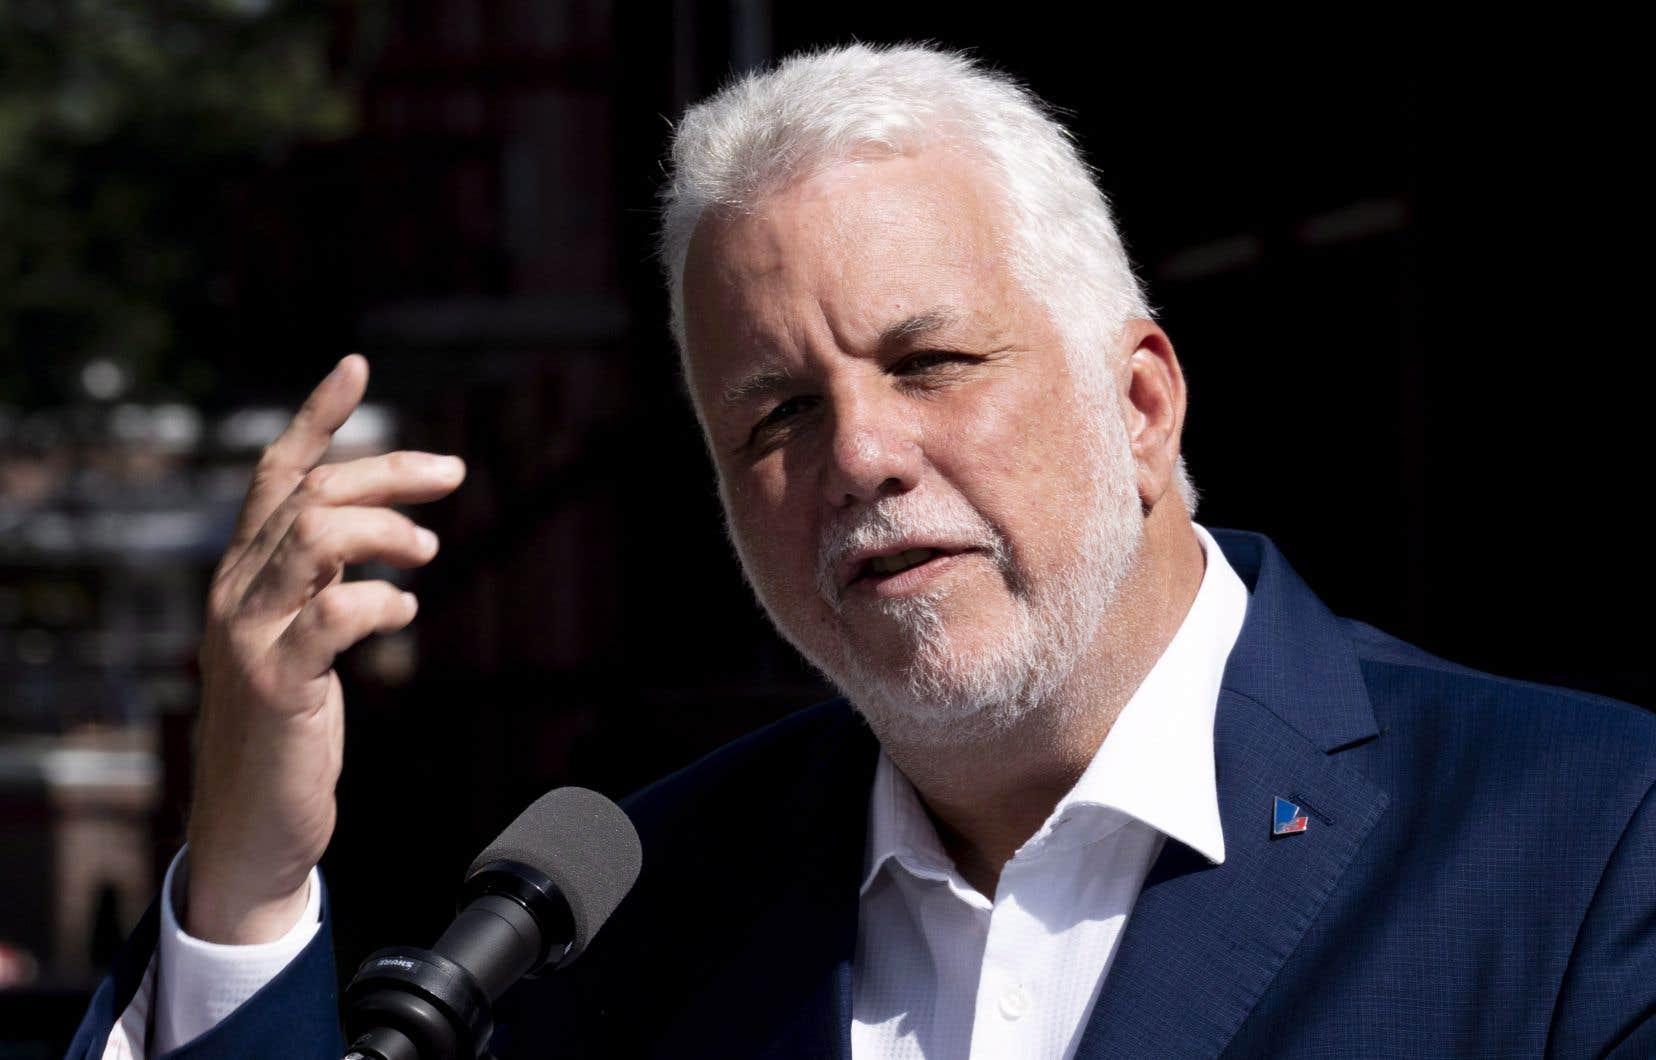 Les centres hospitaliers qui ont adopté des tarifs inférieurs à 7$, ne pourront modifier leur grille tarifaire, a précisé le chef libéral, Philippe Couillard.